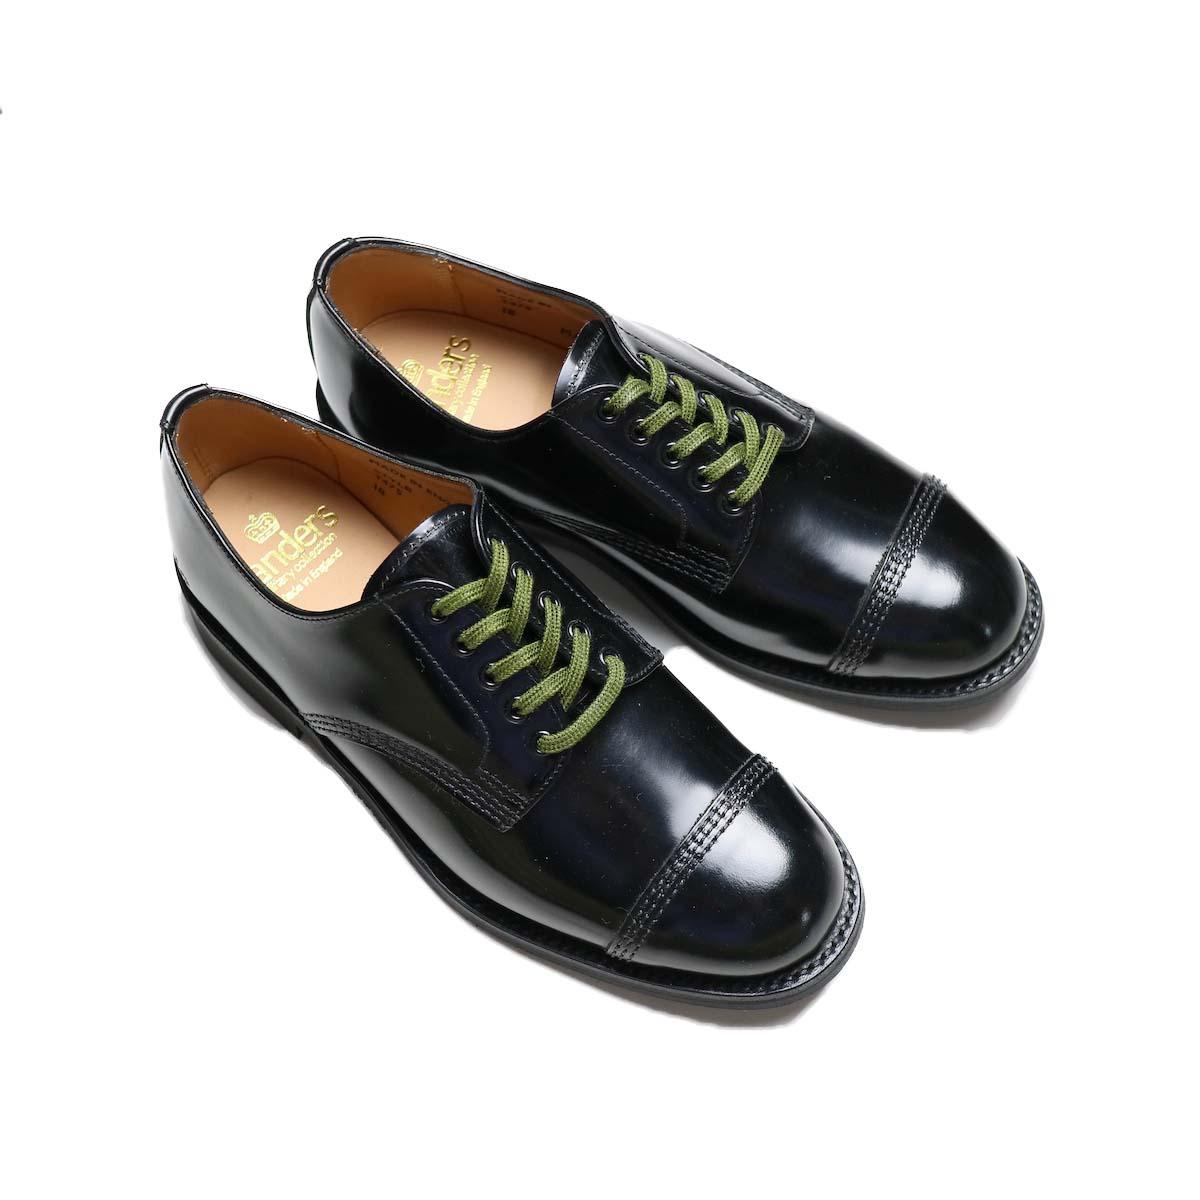 SANDERS / Military Derby Shoe 全体